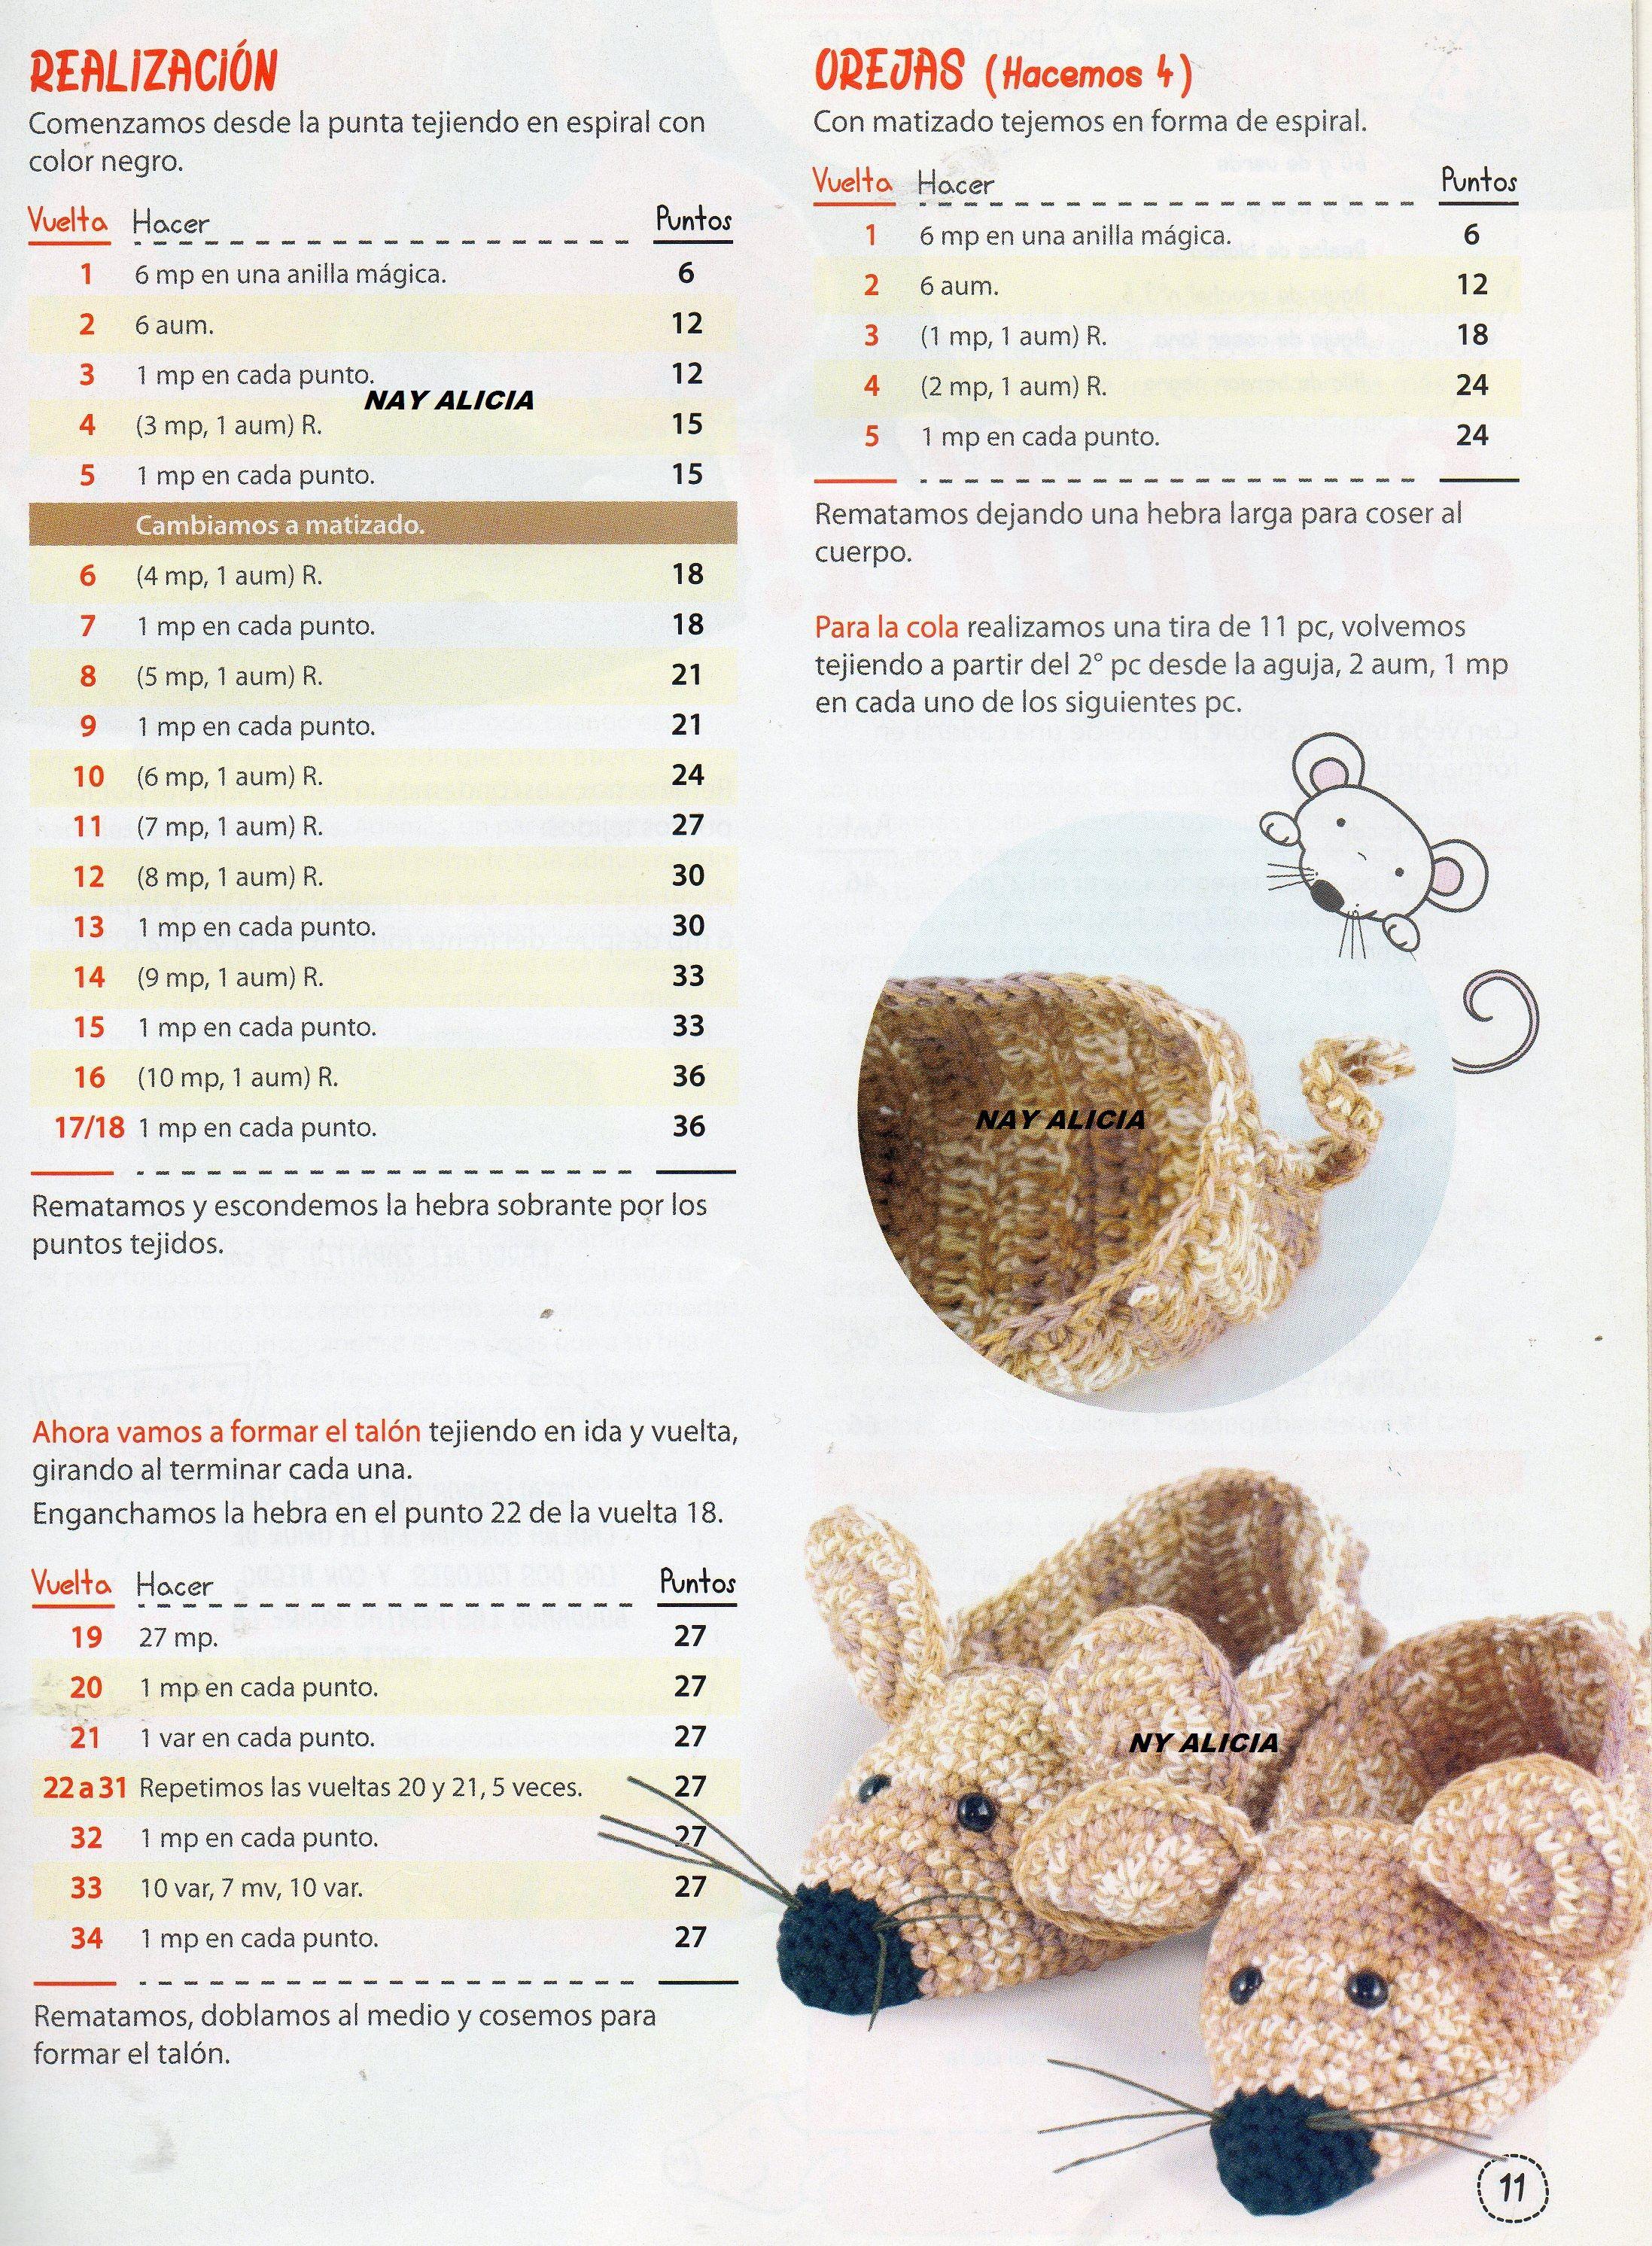 zapatitos ratoncitos | Zapatitos crochet | Pinterest | Zapatos ...